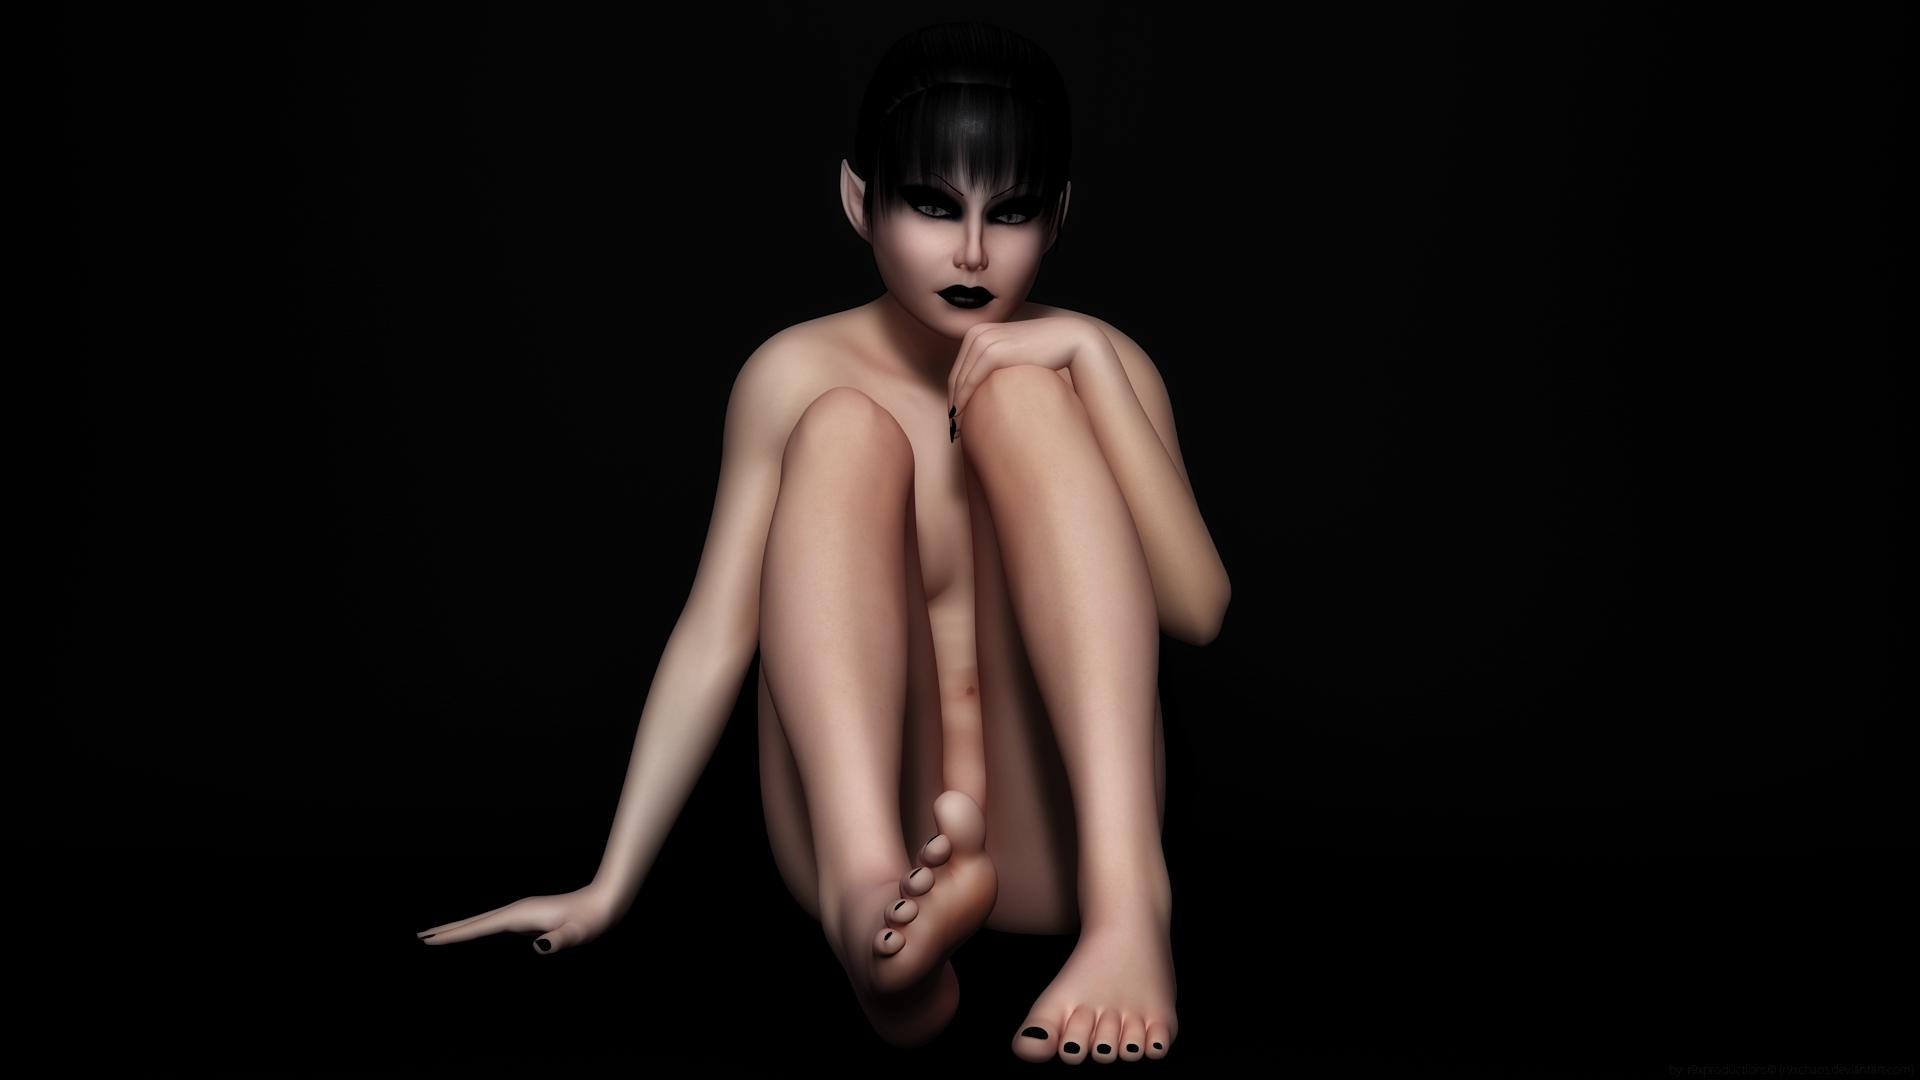 Cathy Erotica 19